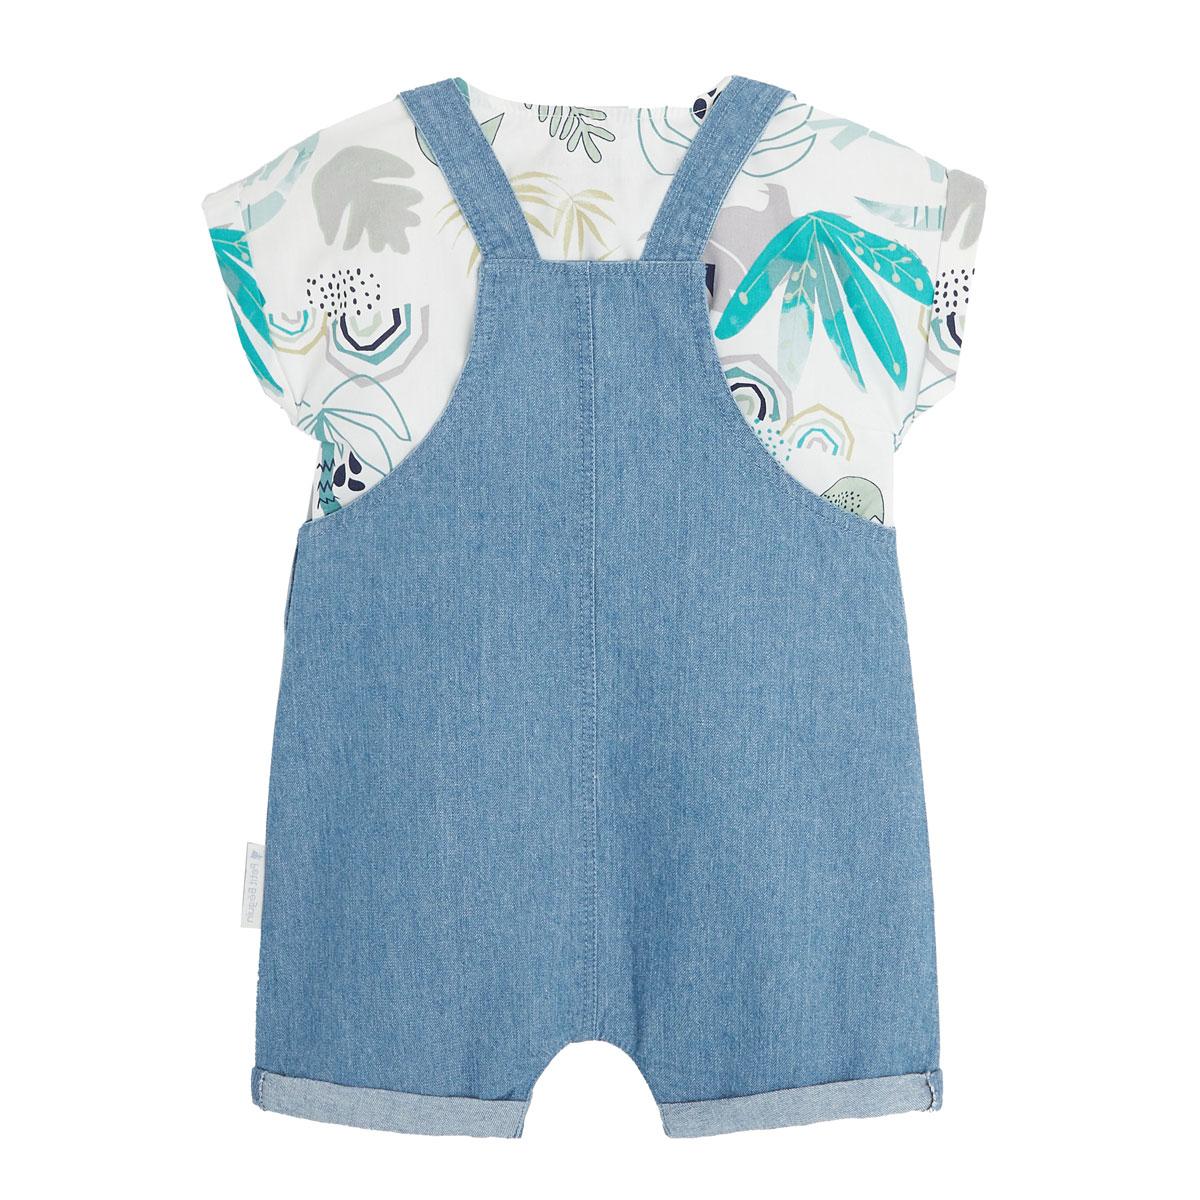 Salopette bébé garçon et t-shirt Dinokoko dos